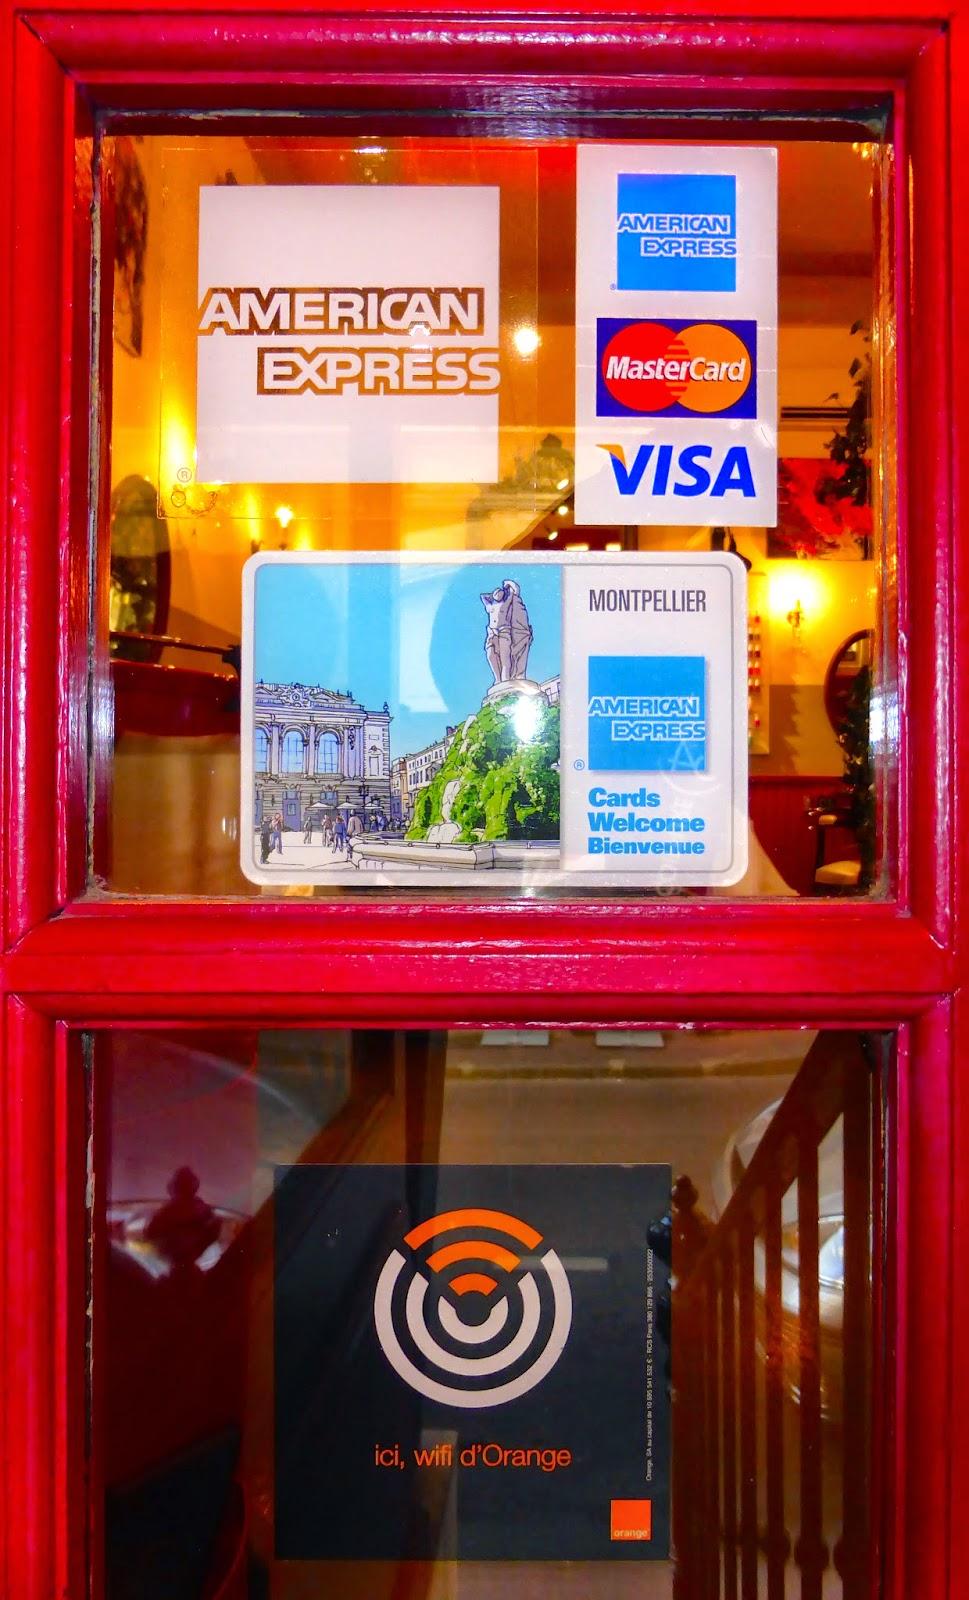 Les visuels d'affiliation au réseau American Express apposés sur la vitrine du Studio 54, salon de coiffure à Montpellier.